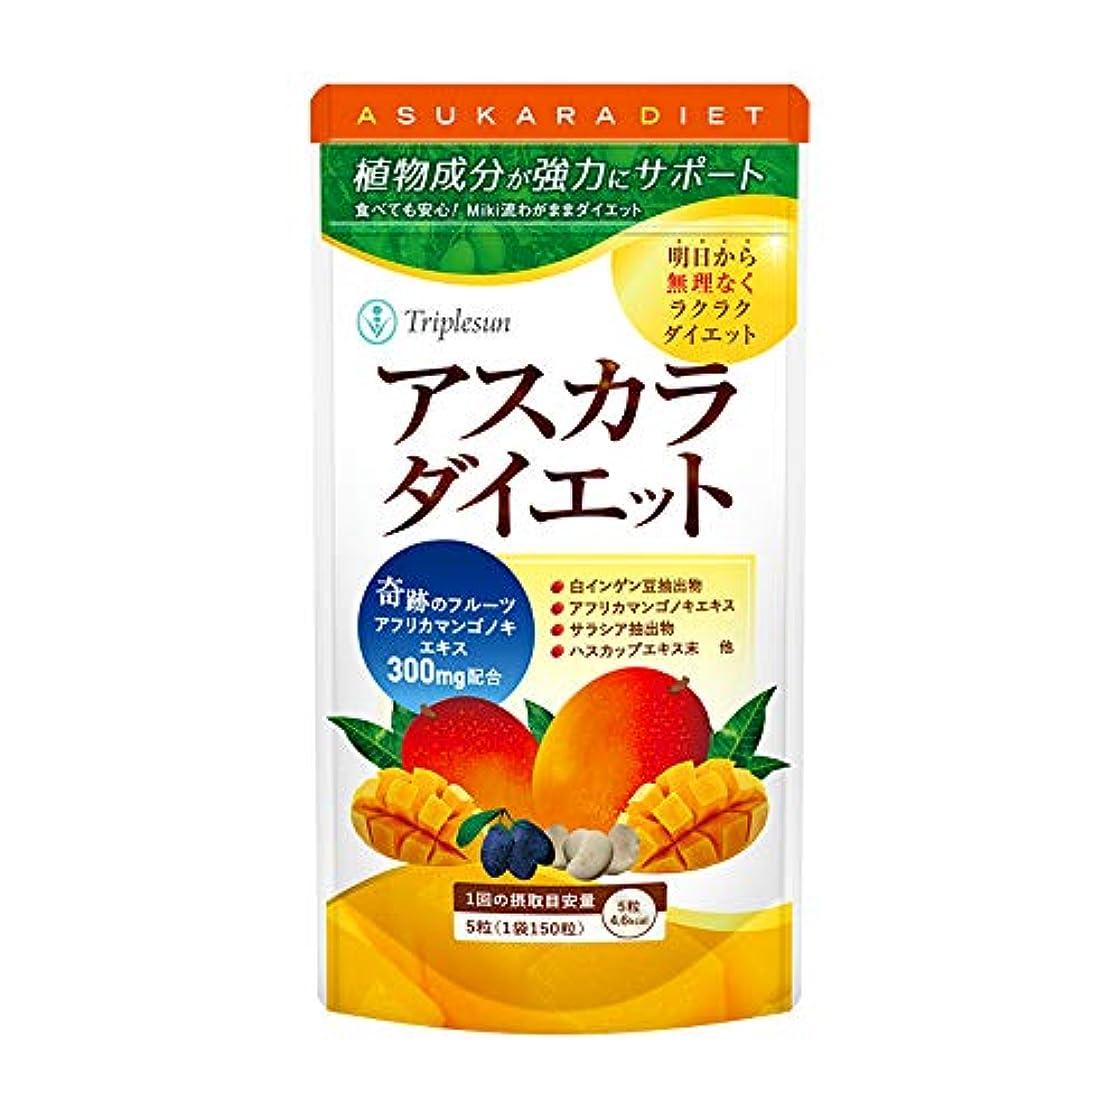 添加剤理論的甘美なEPORASHE アスカラダイエット (1個)